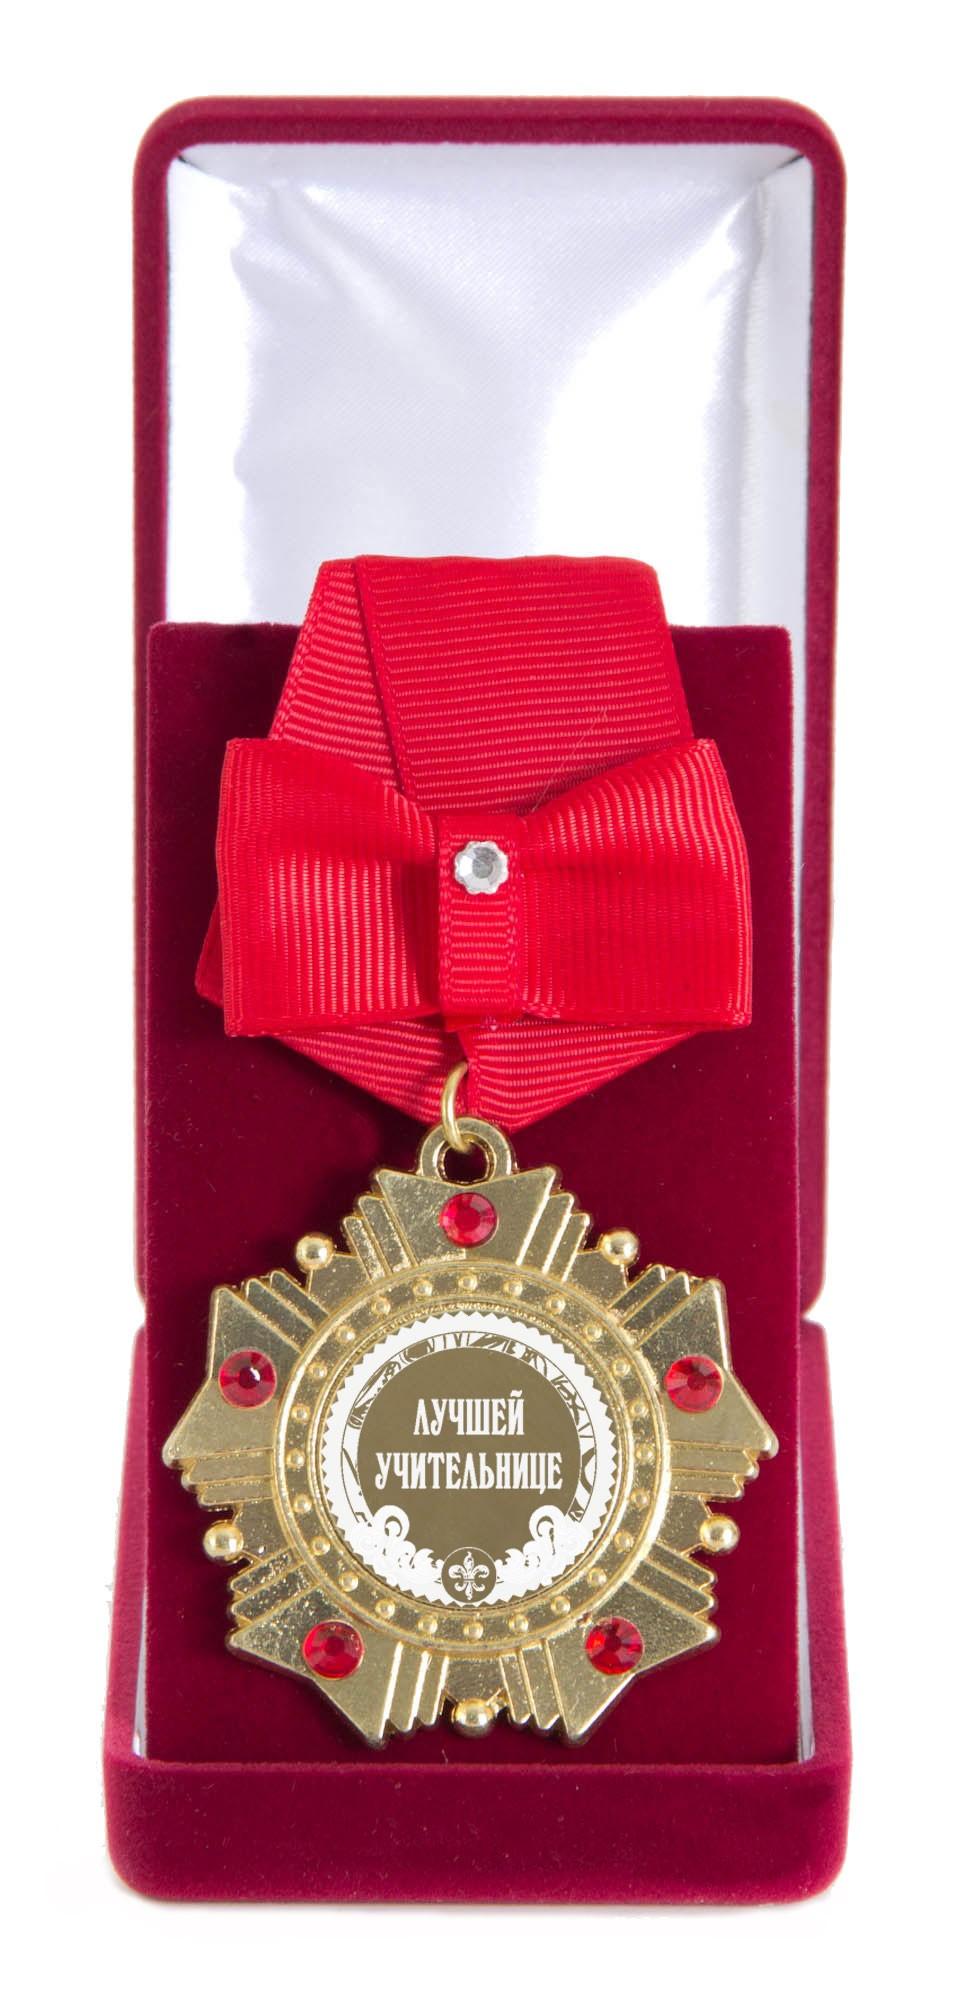 Орден с индивидуальной гравировкой Лучшей учительнице